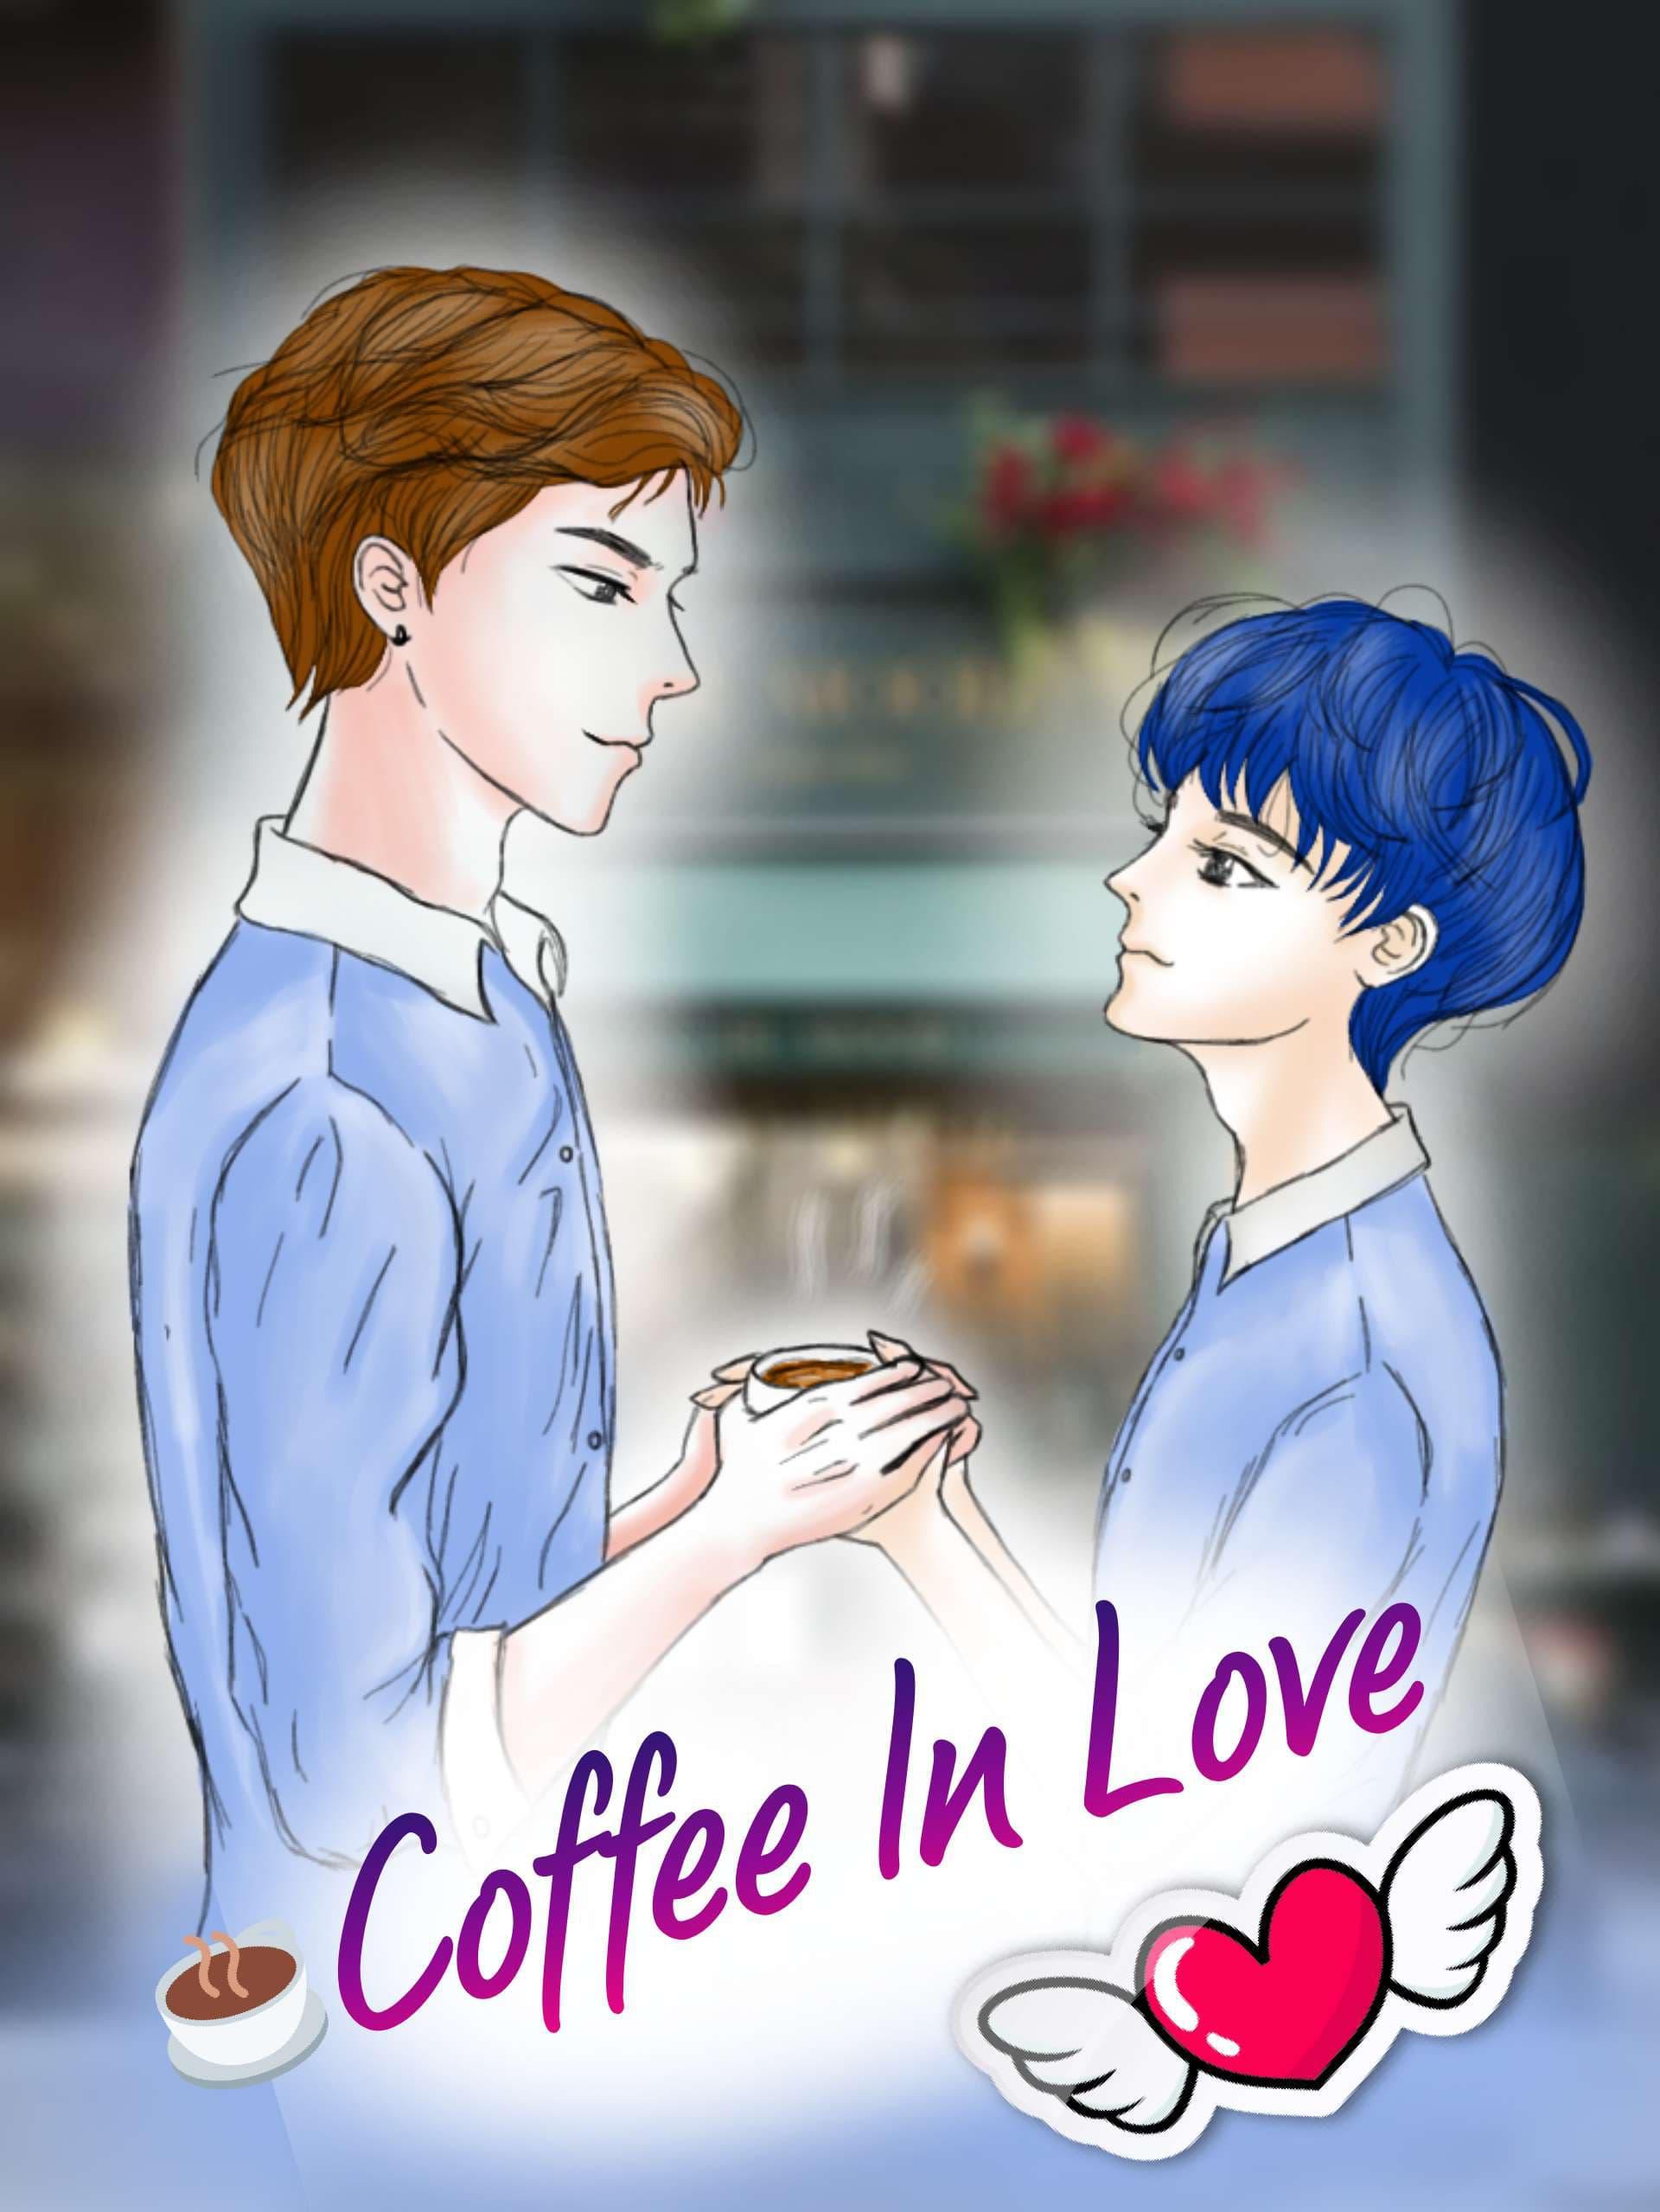 COFFEE IN LOVE รักนี้...ที่ร้านกาแฟ